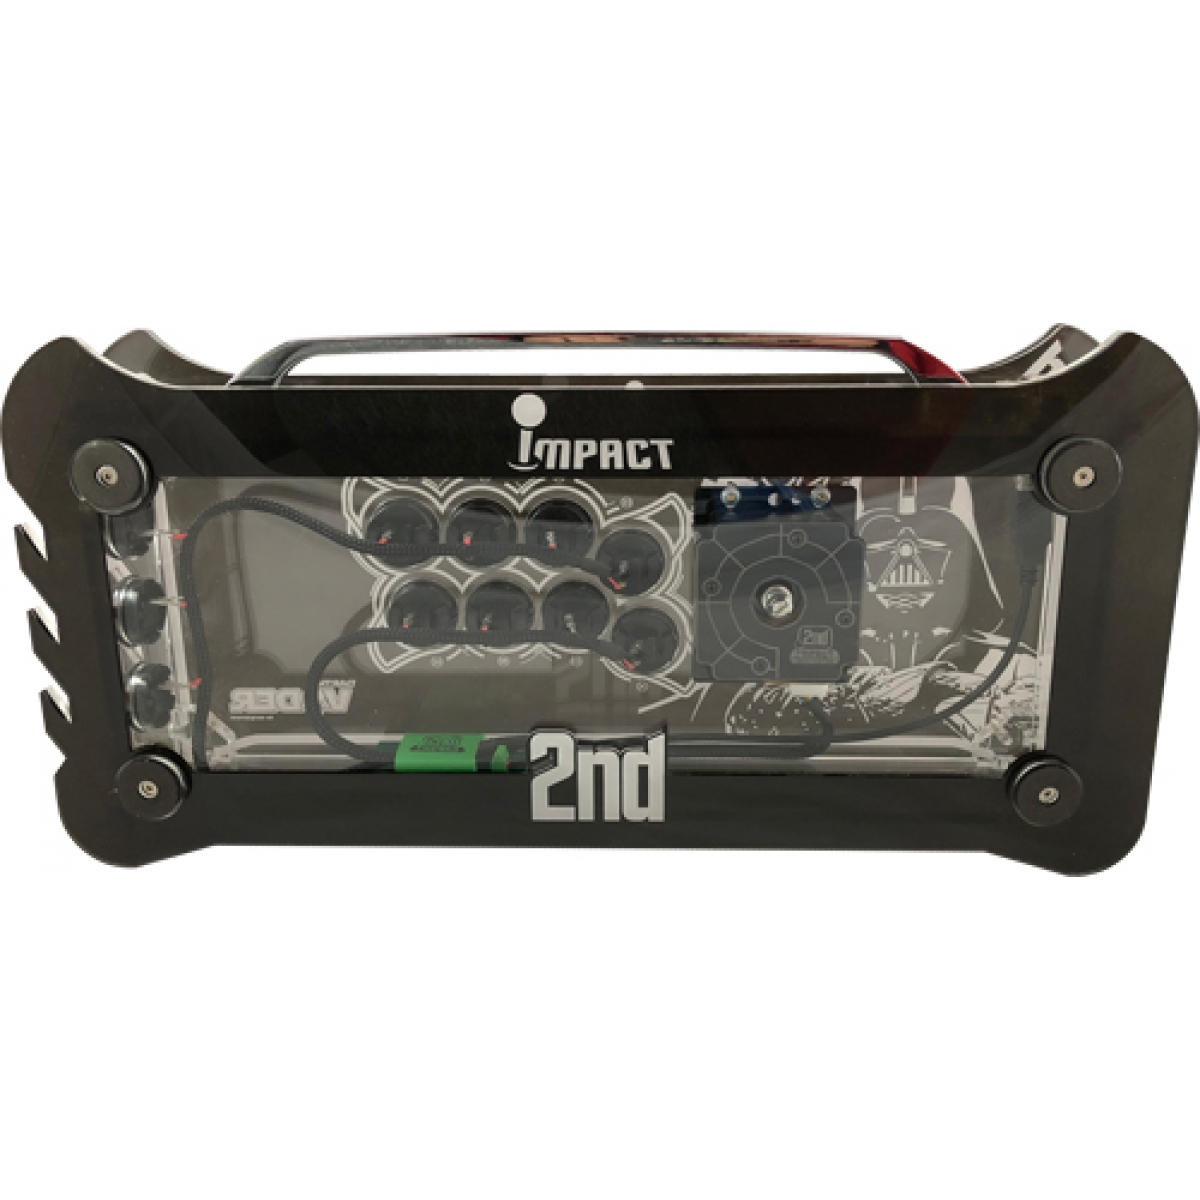 Controle Arcade para PC, PS3 e PS4 2ND Impact Darth Vader Full Acrílico Manche Optico Silent